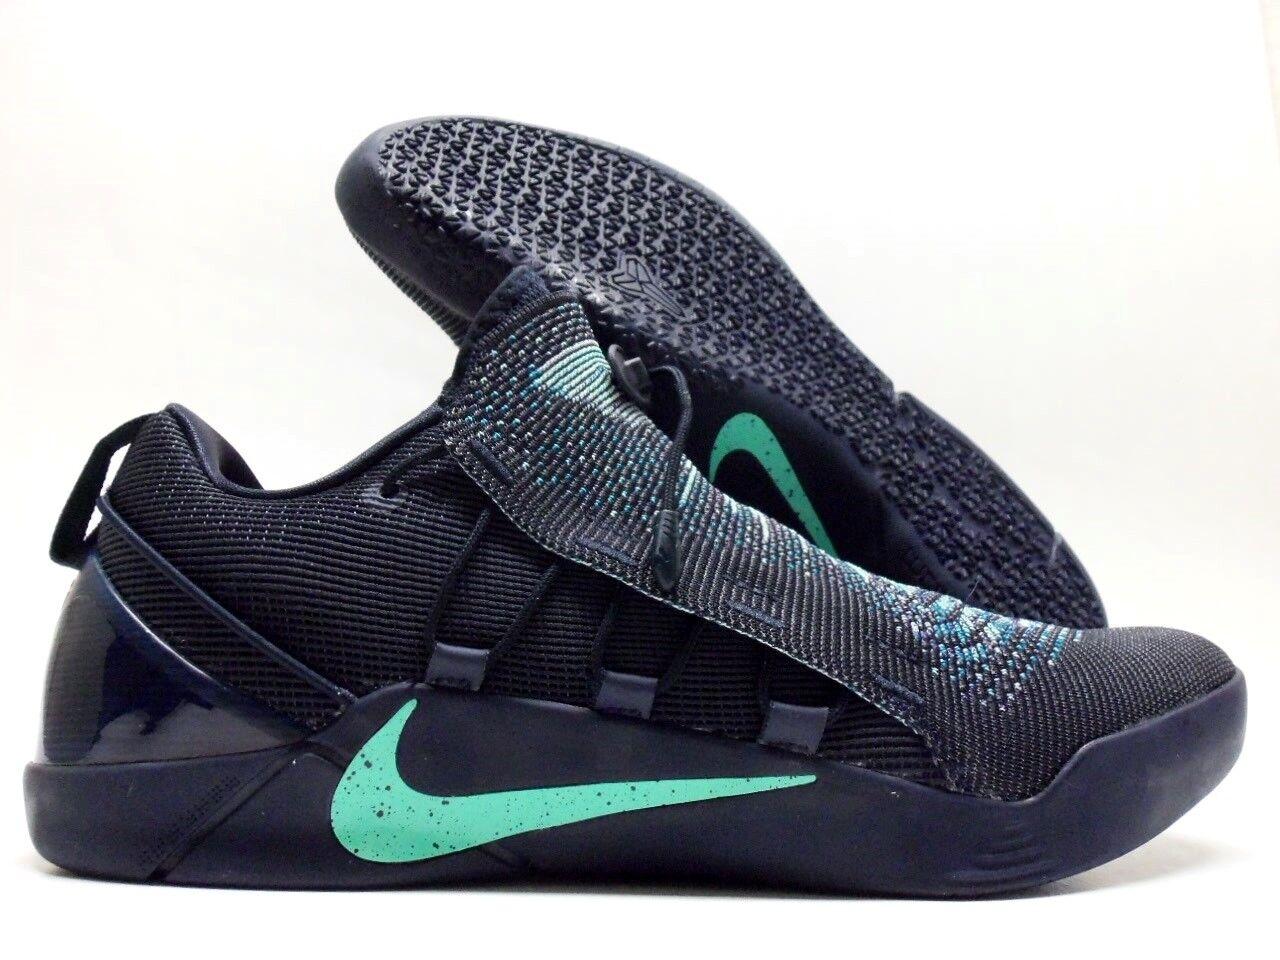 Nike air max jewell donna ridotta txt correndo 917672 formatori 917672 correndo scarpe scarpe 002 4e9974